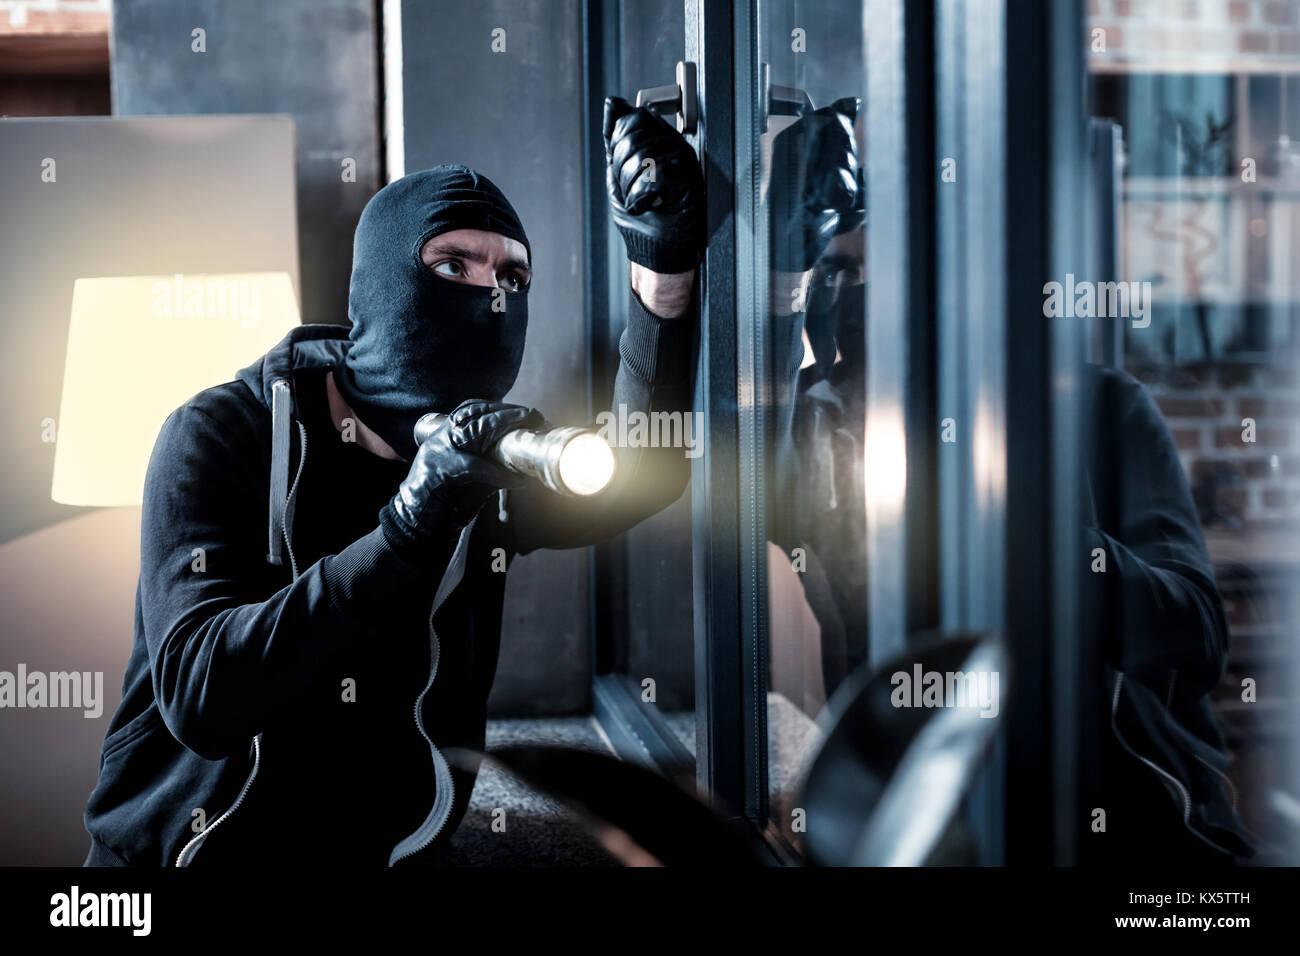 Maskierte Einbrecher Ins Haus Brechen Stockfoto Bild 171003633 Alamy